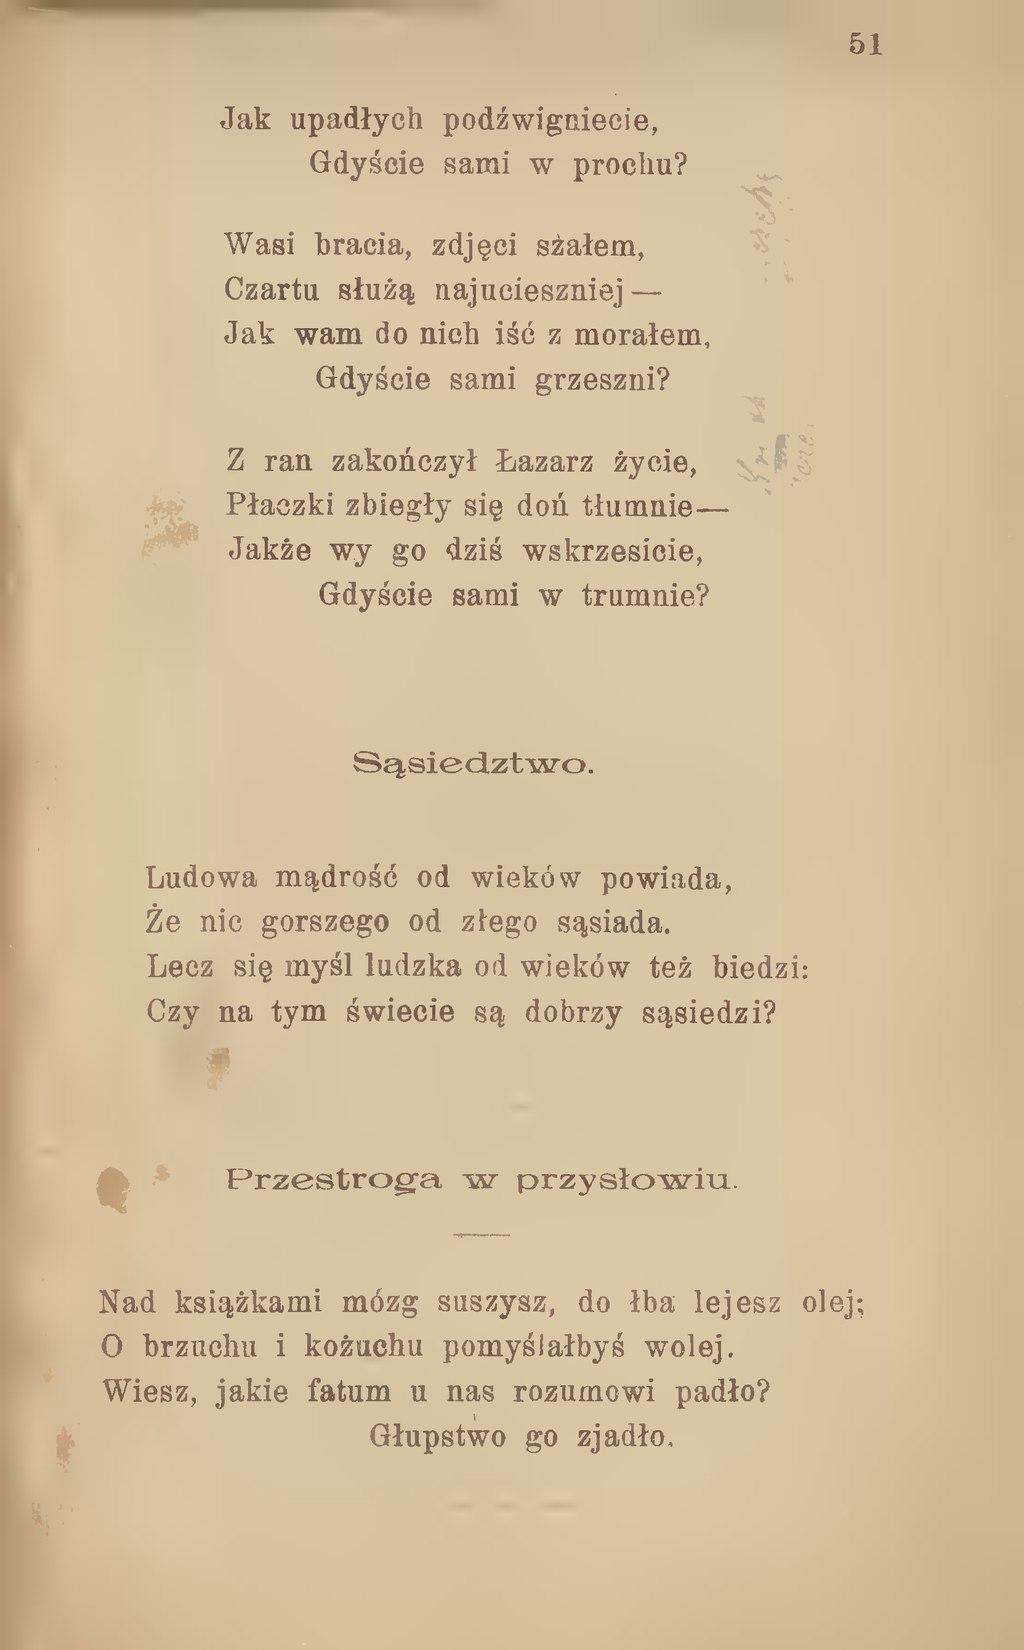 Stronagomulickiego Wiktora Wiersze Zbiór Nowydjvu54